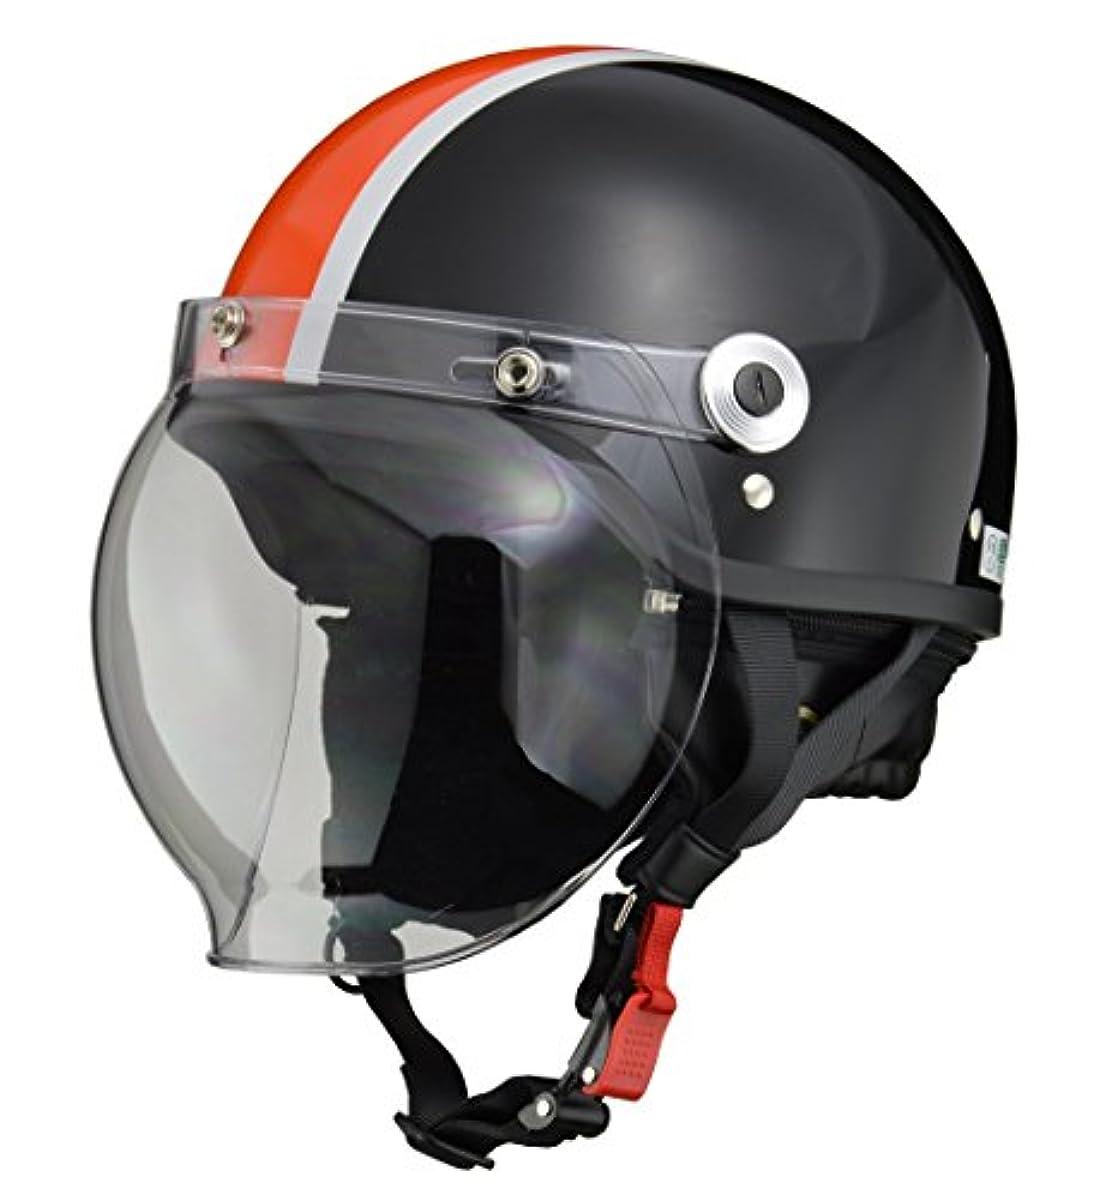 [해외] 리드 공업(LEAD) 오토바이 헬멧 제트 CROSS 버블 쉴드 부착 블랙×오렌지 CR-760 -